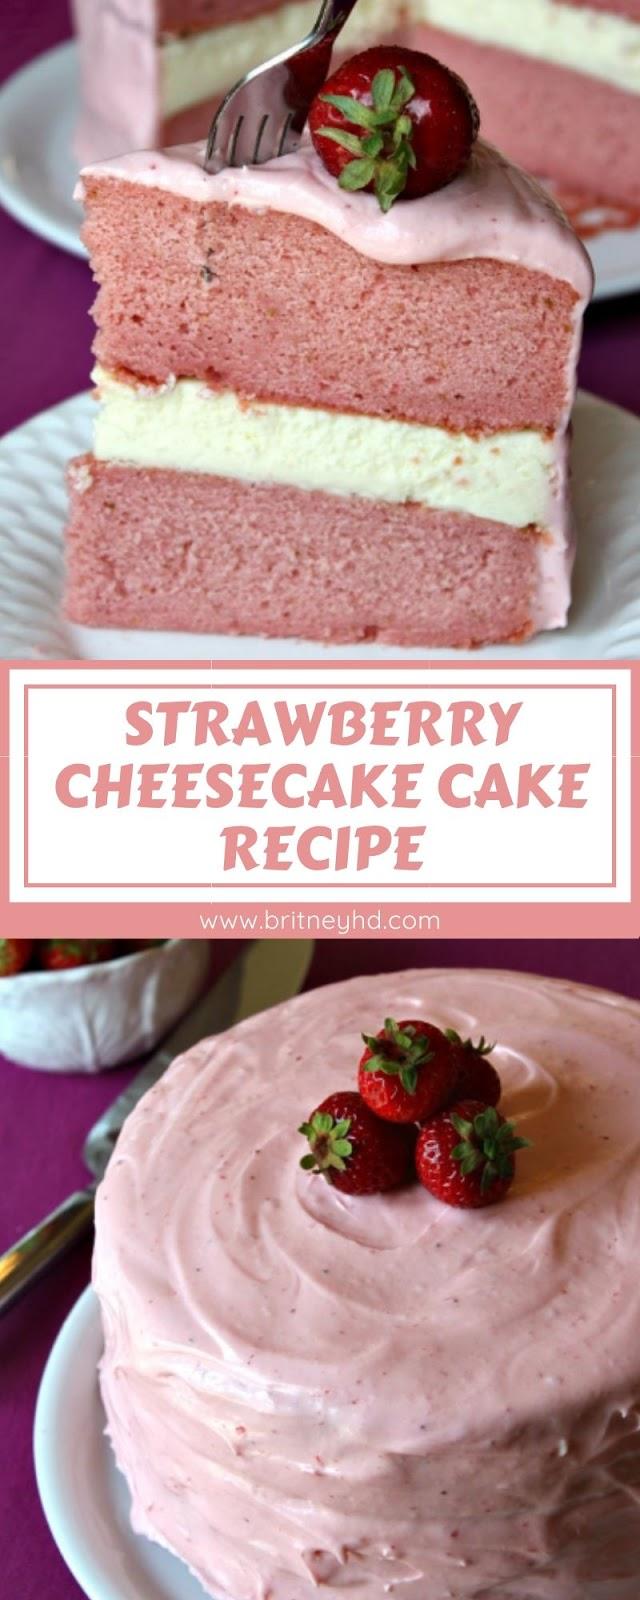 STRAWBERRY CHEESECAKE CAKE RECIPE